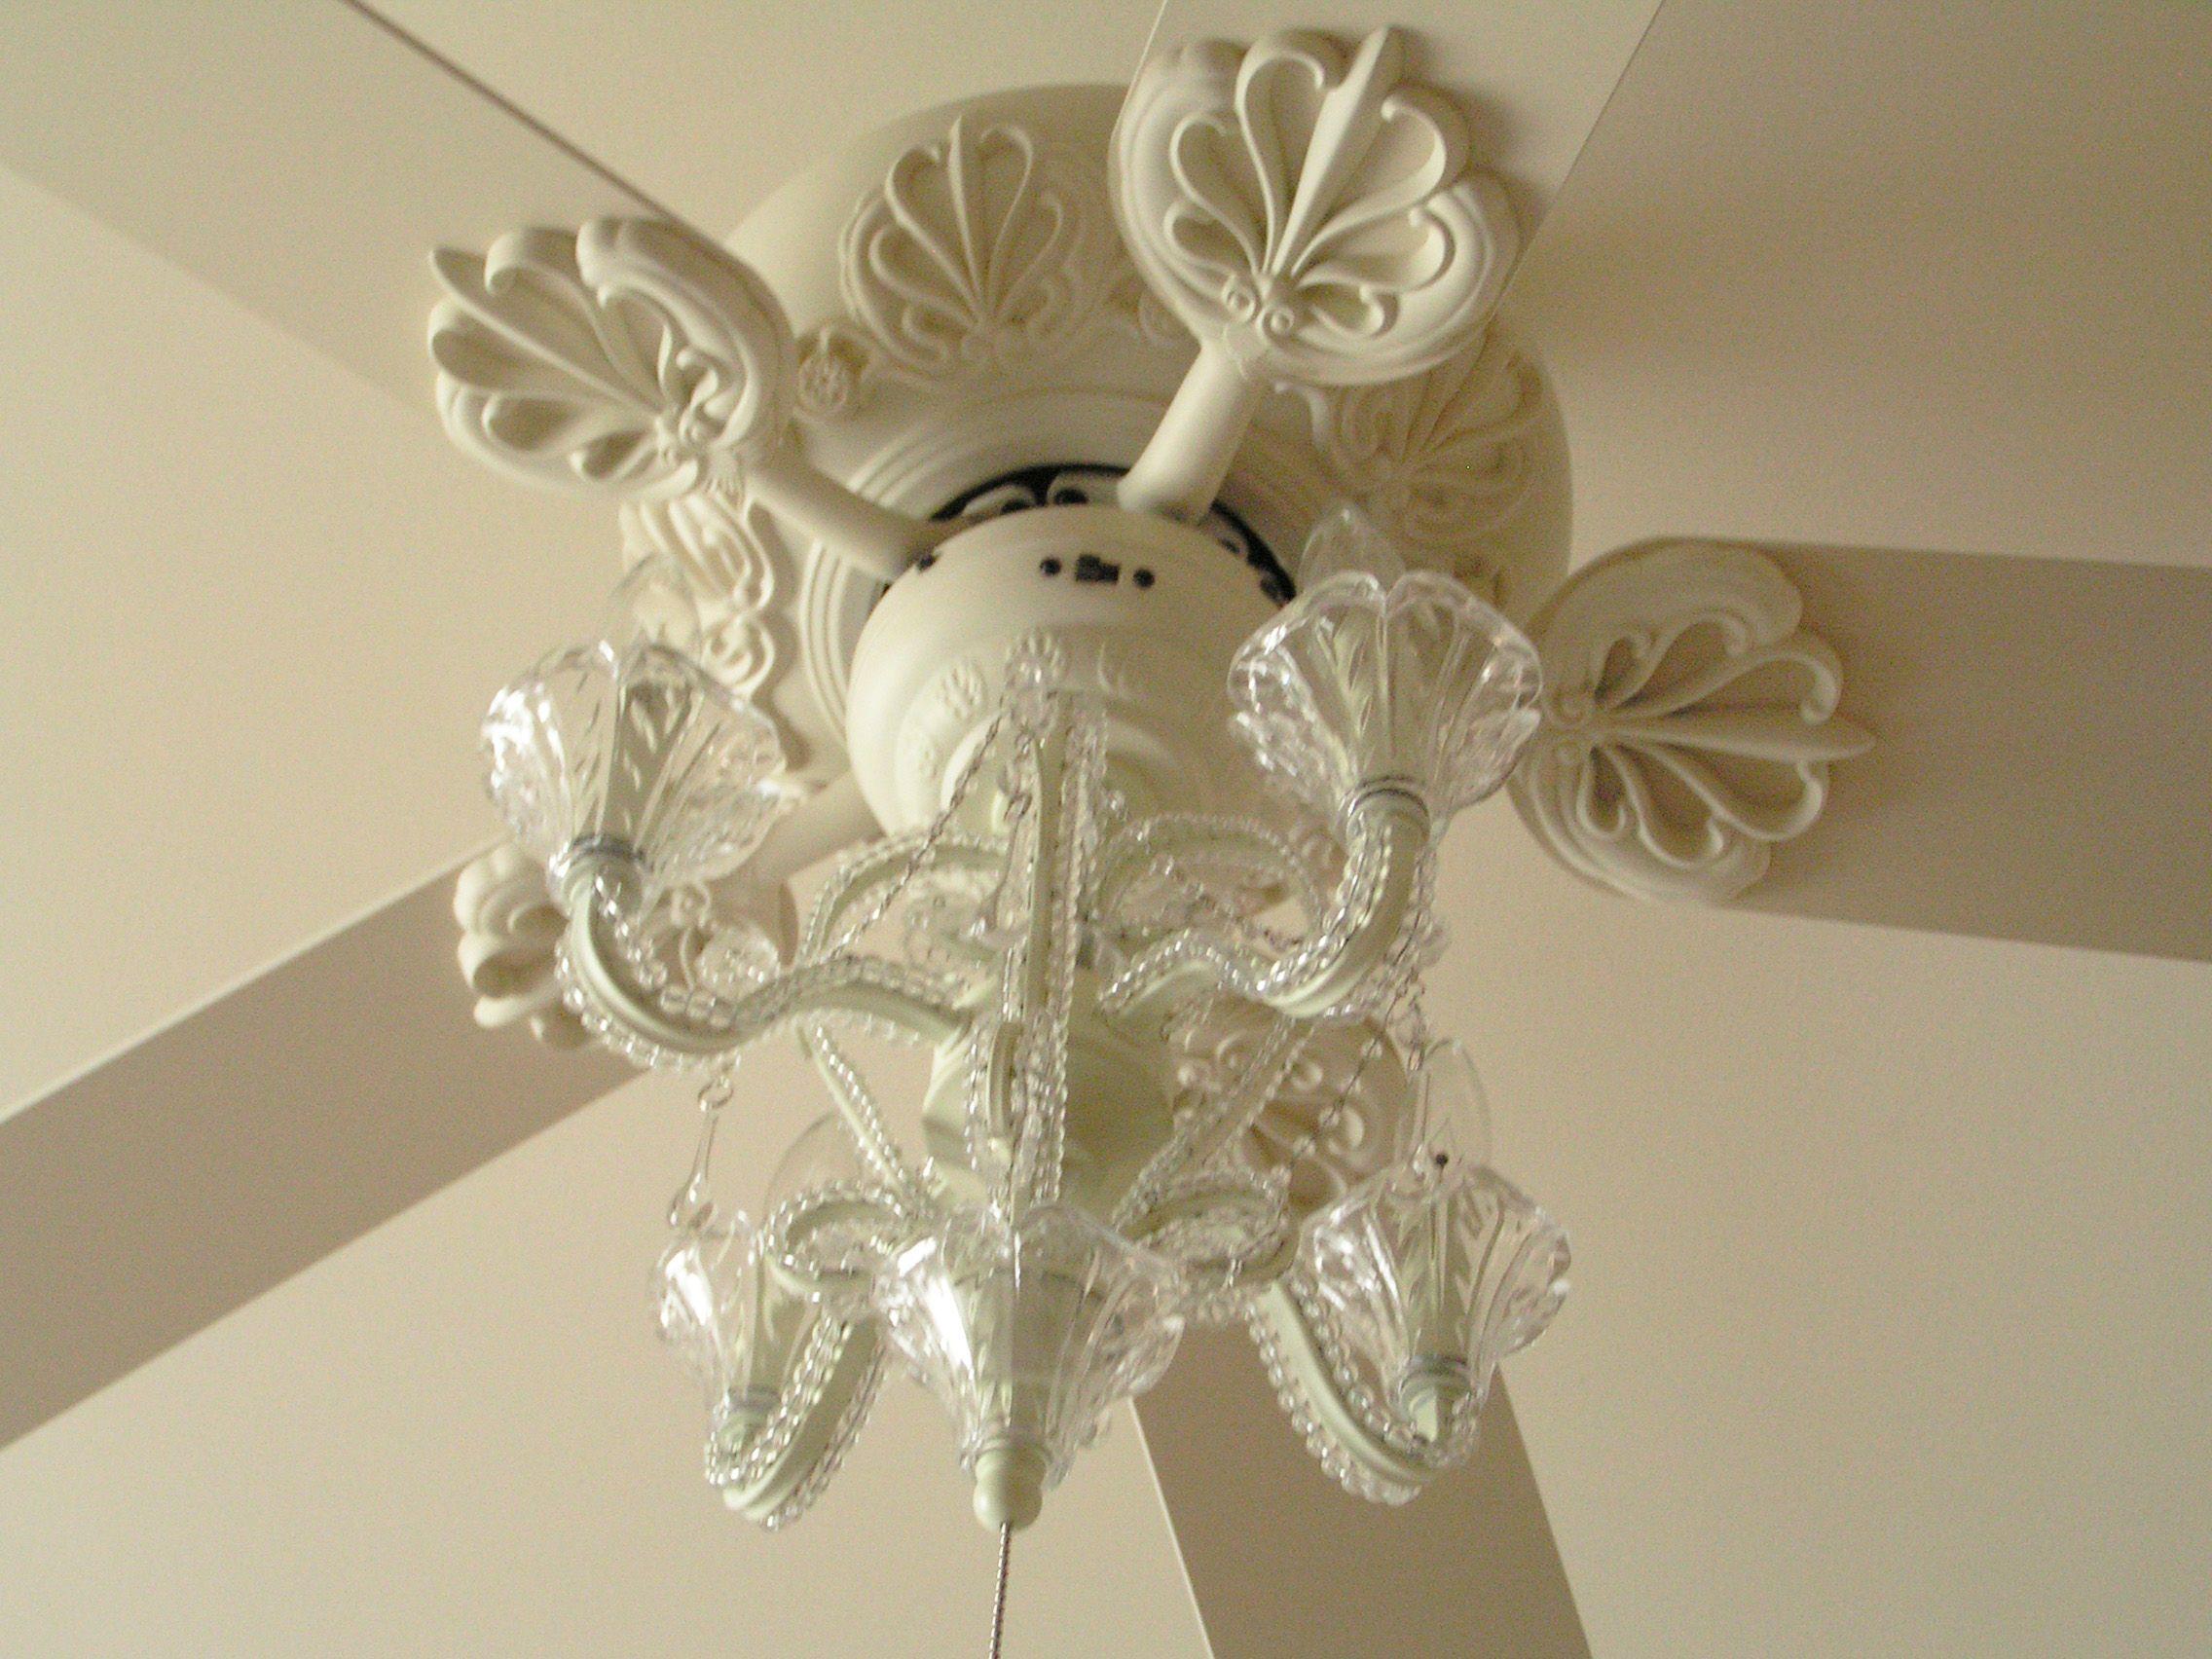 Chandelier Ceiling Fan Everyday Beauty Bedroom Pinterest Chandelier Ceiling Fans